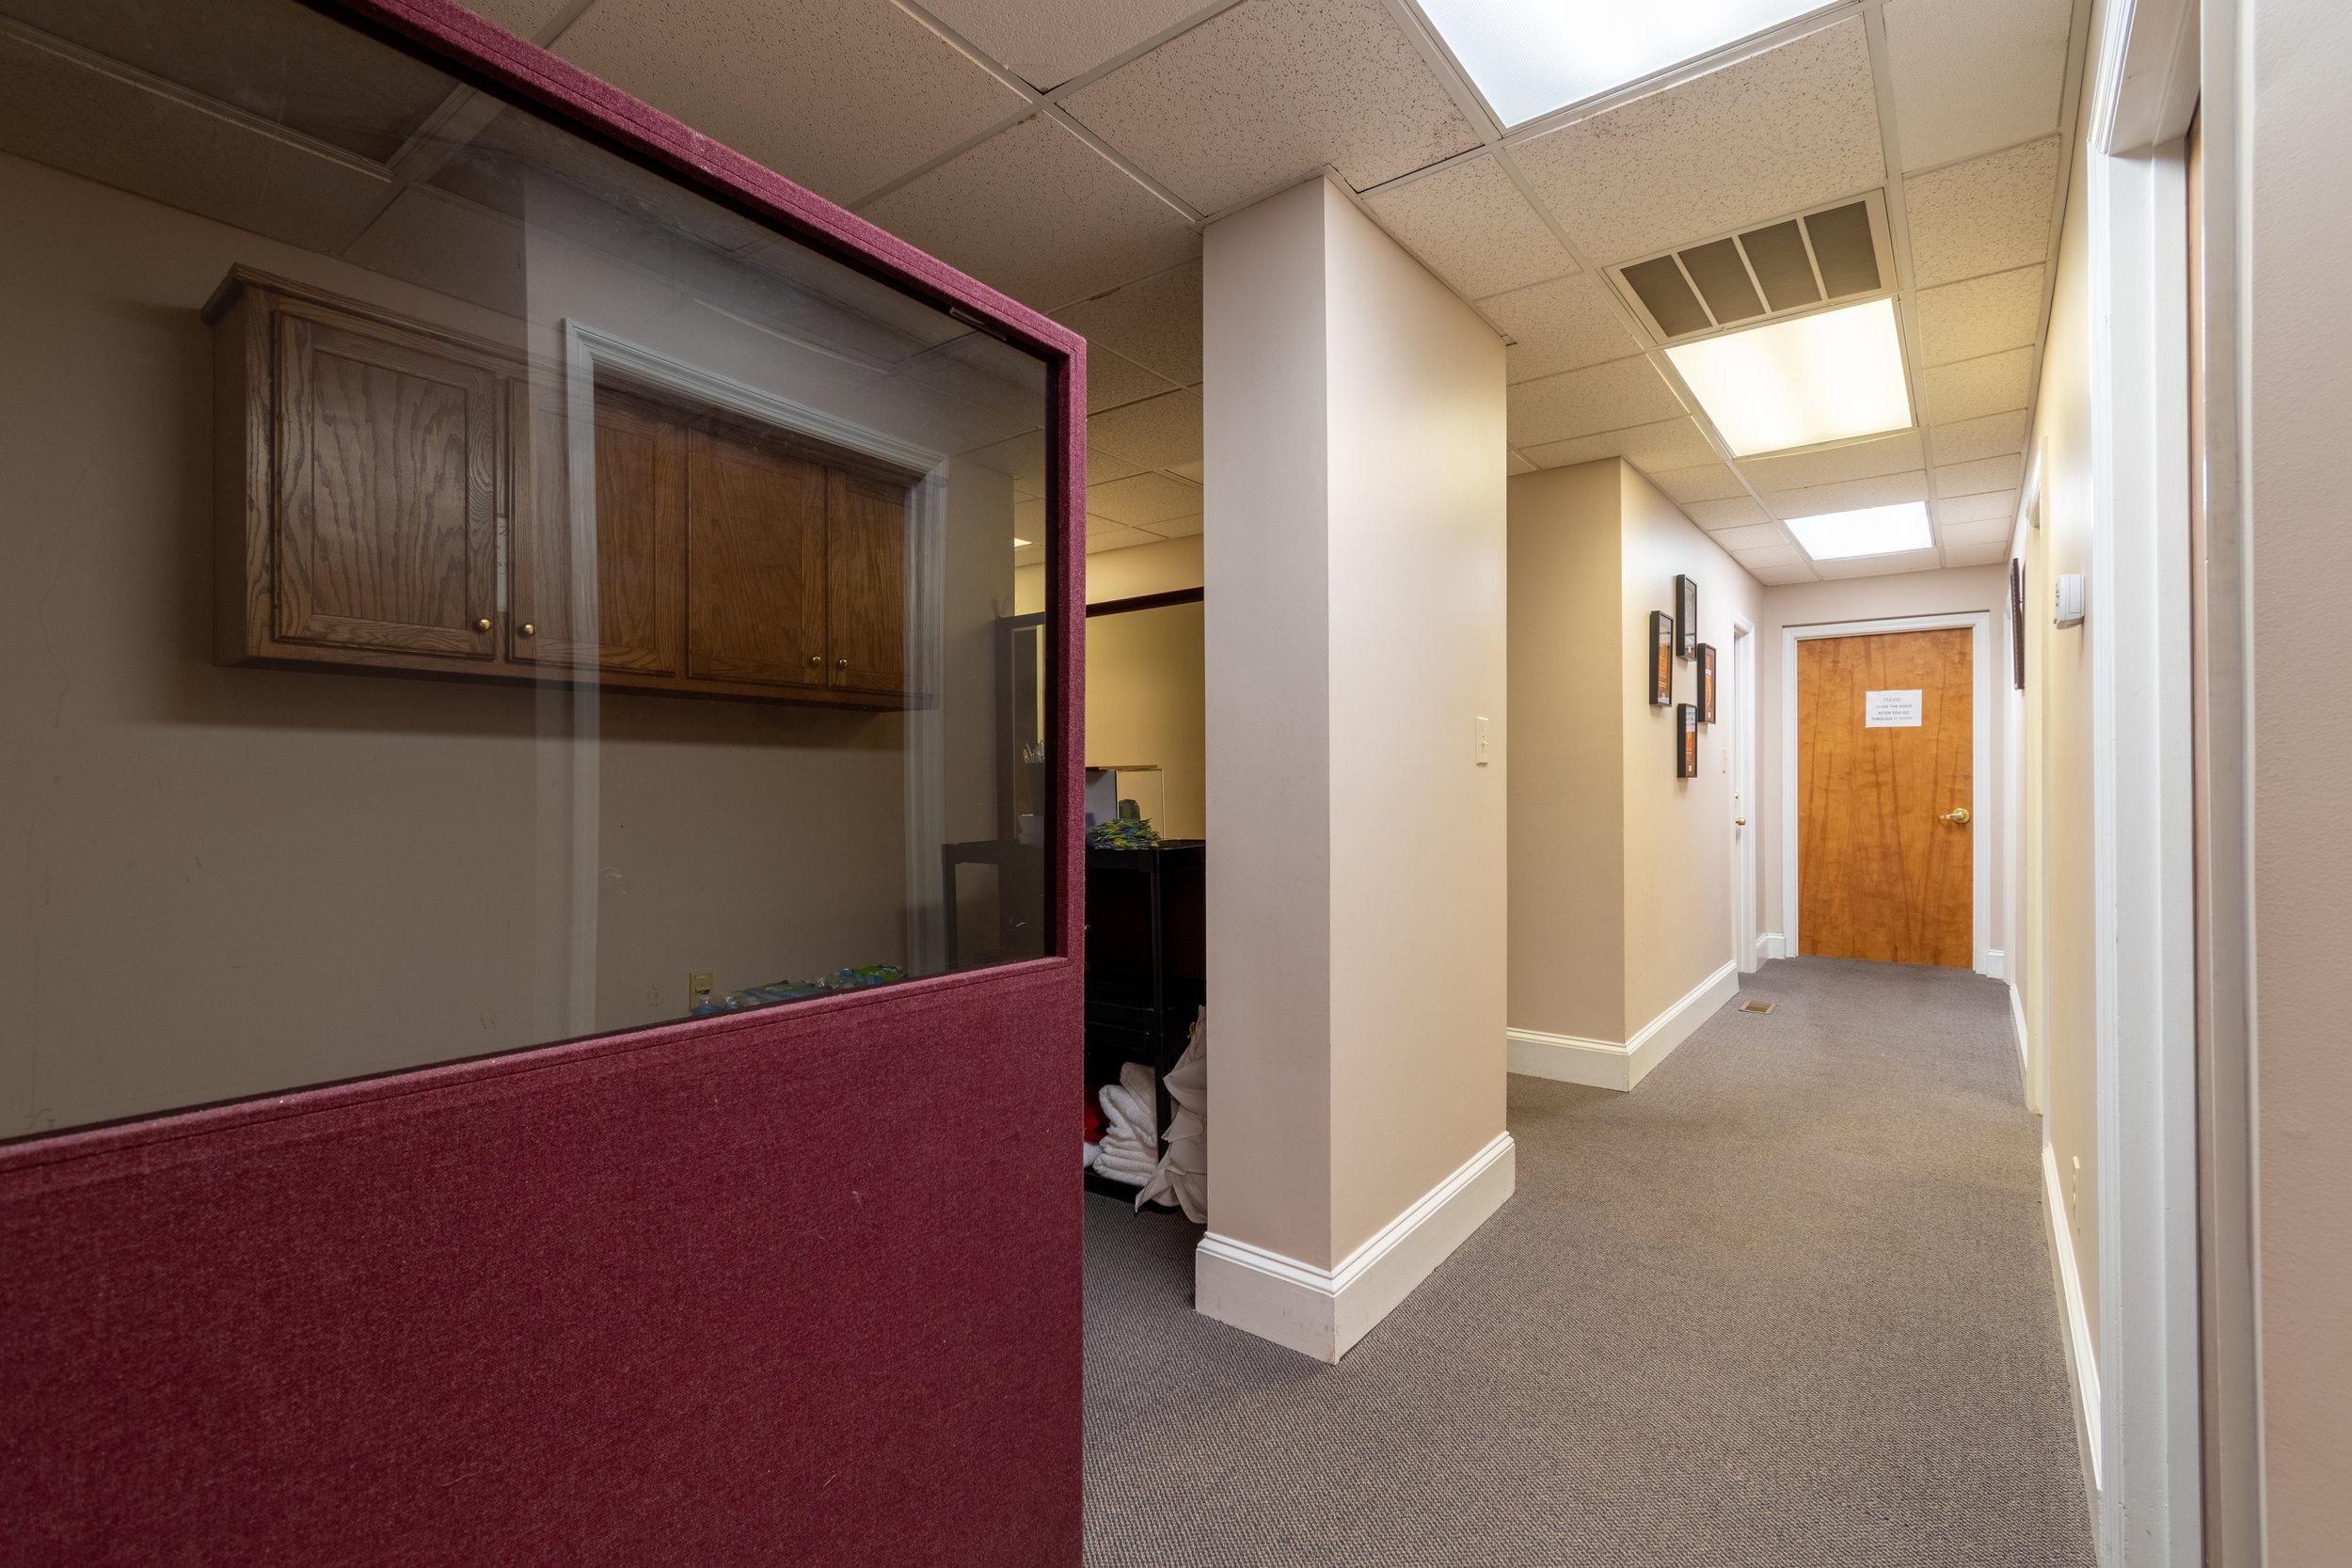 Interior (21 of 22).jpg